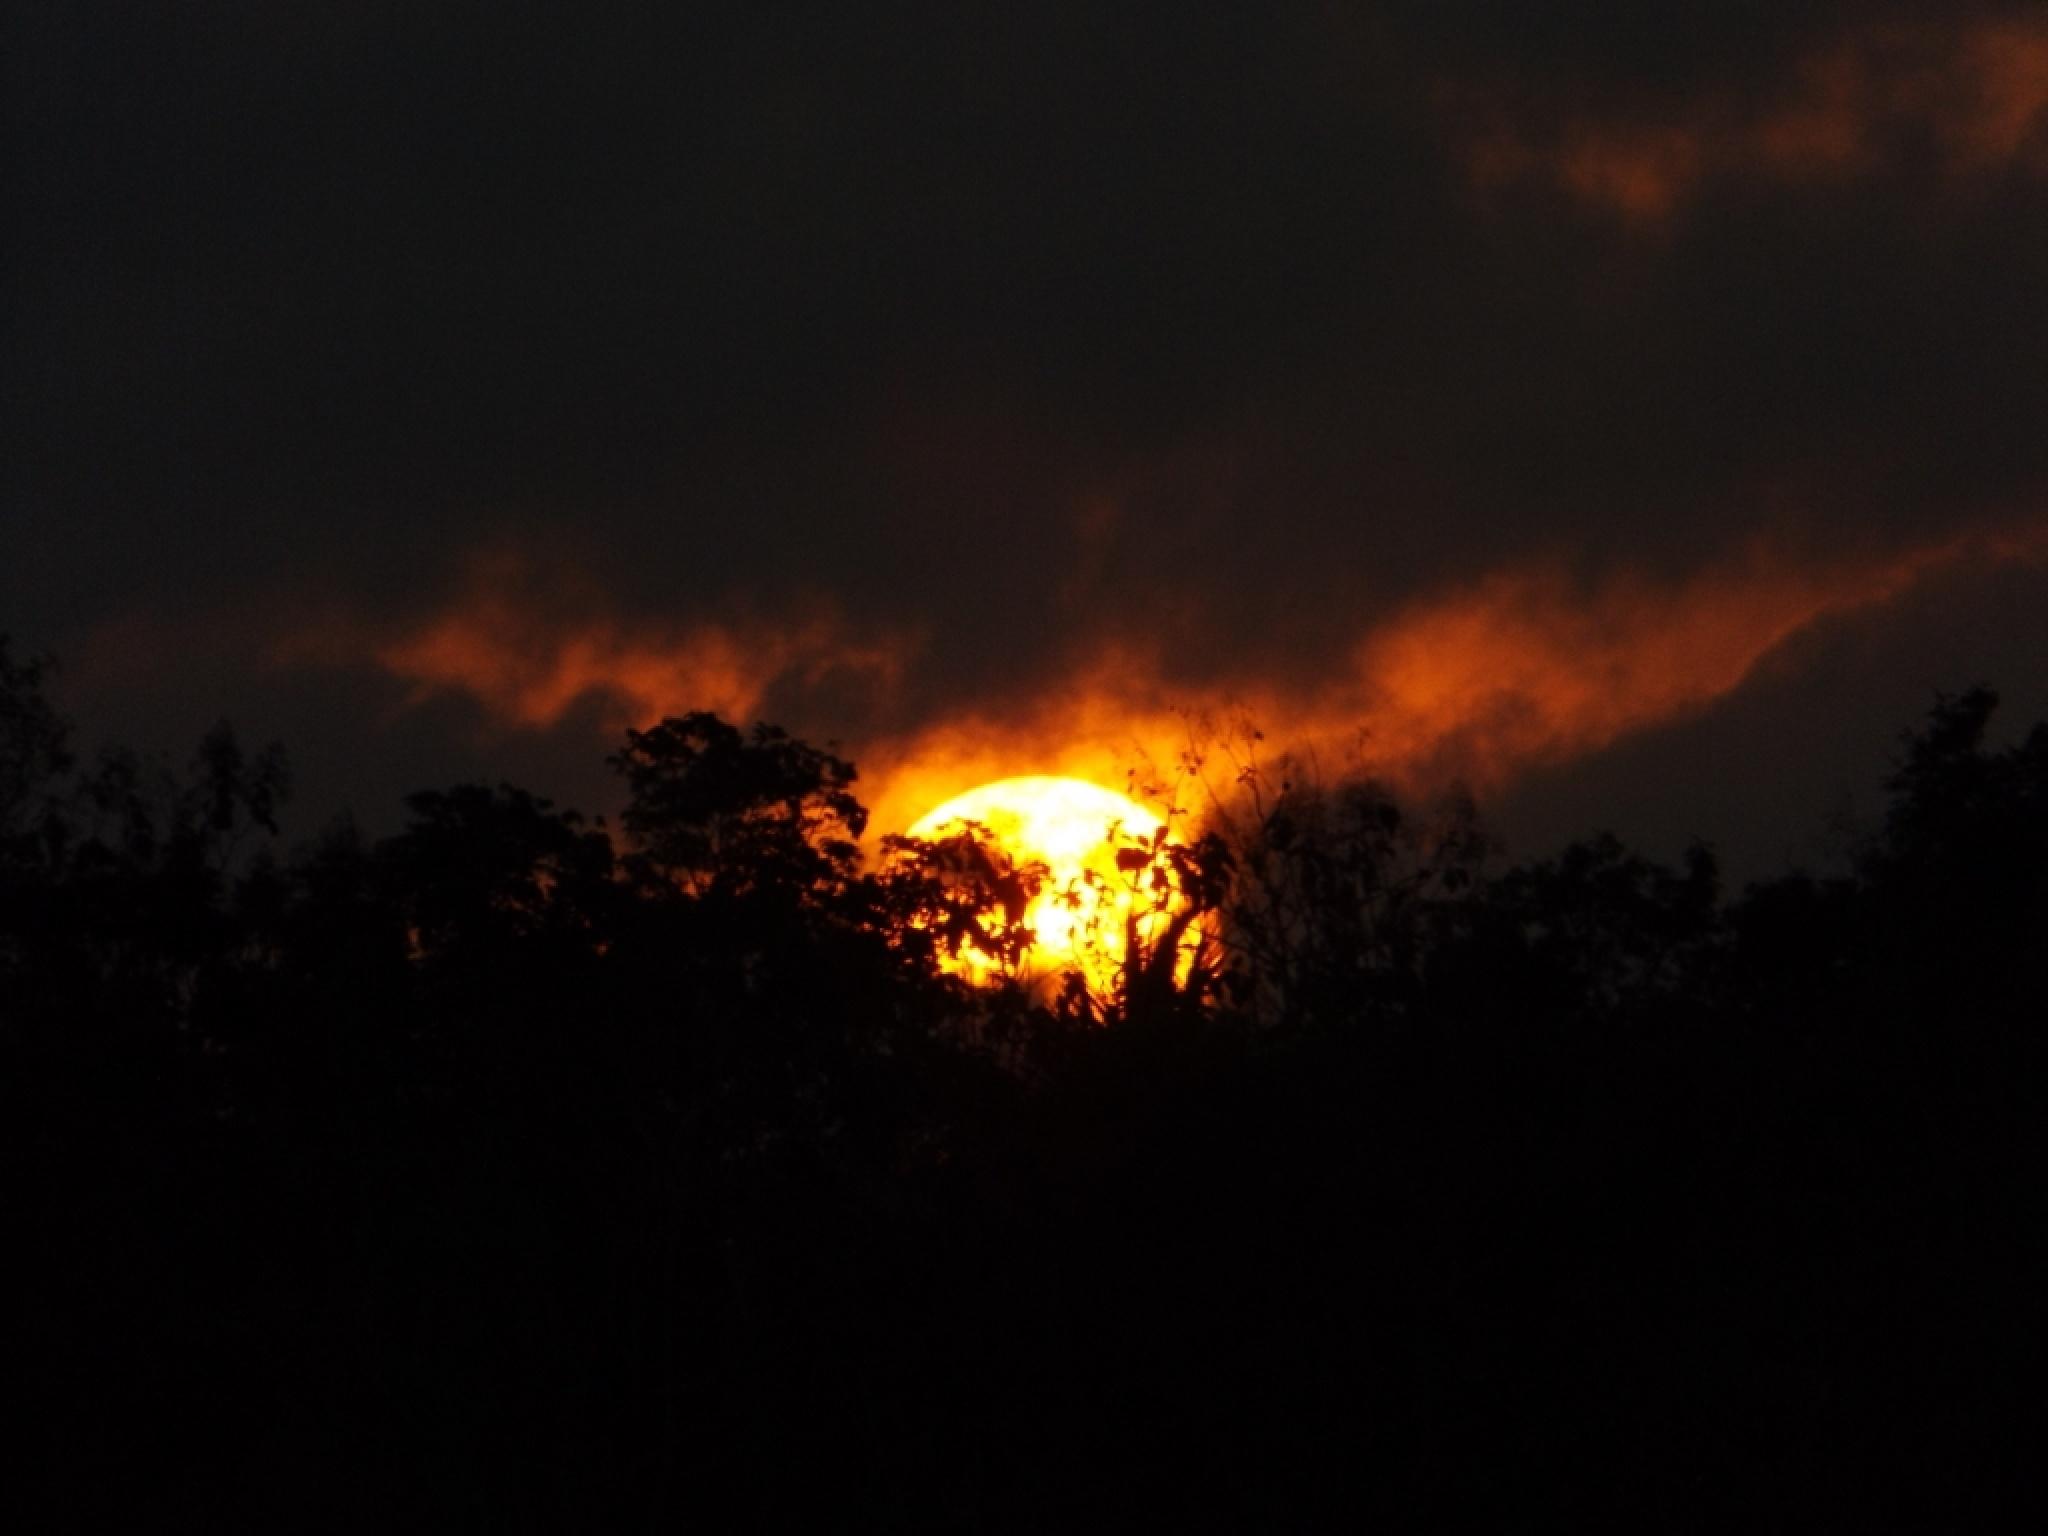 sunset by ryutaro